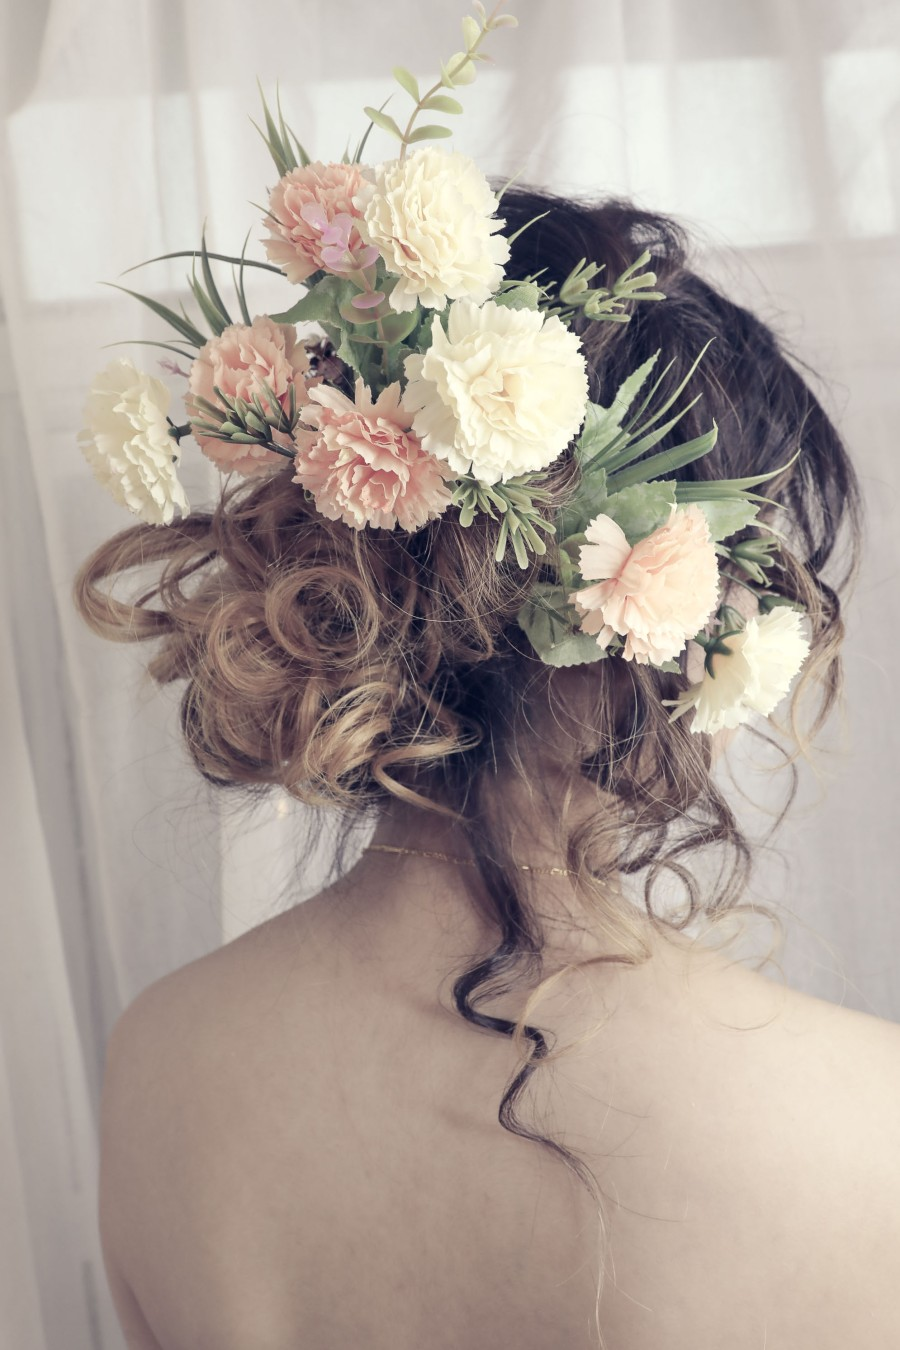 新娘化妝髮型攝影_bridal_wedding_makeup_hairstyling_Top_MUA_paulstylist_photography_hk_priscilla-6